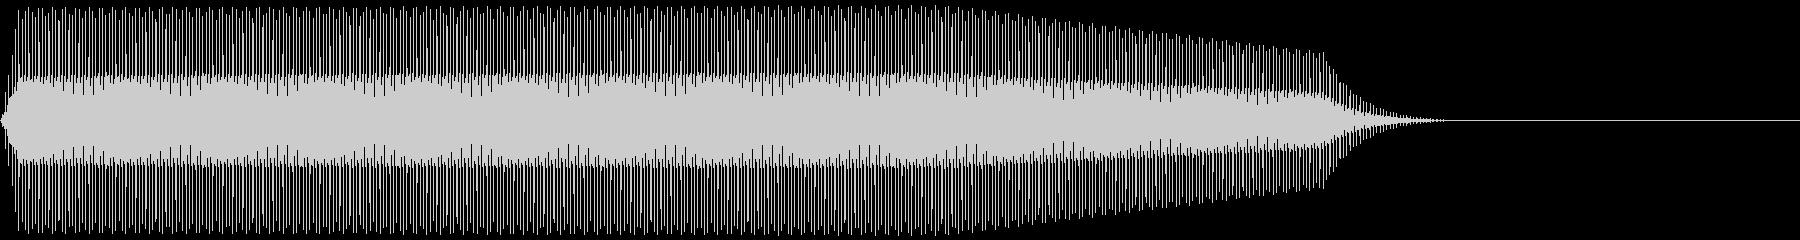 DENSHION ハイトーンな電子音 3の未再生の波形